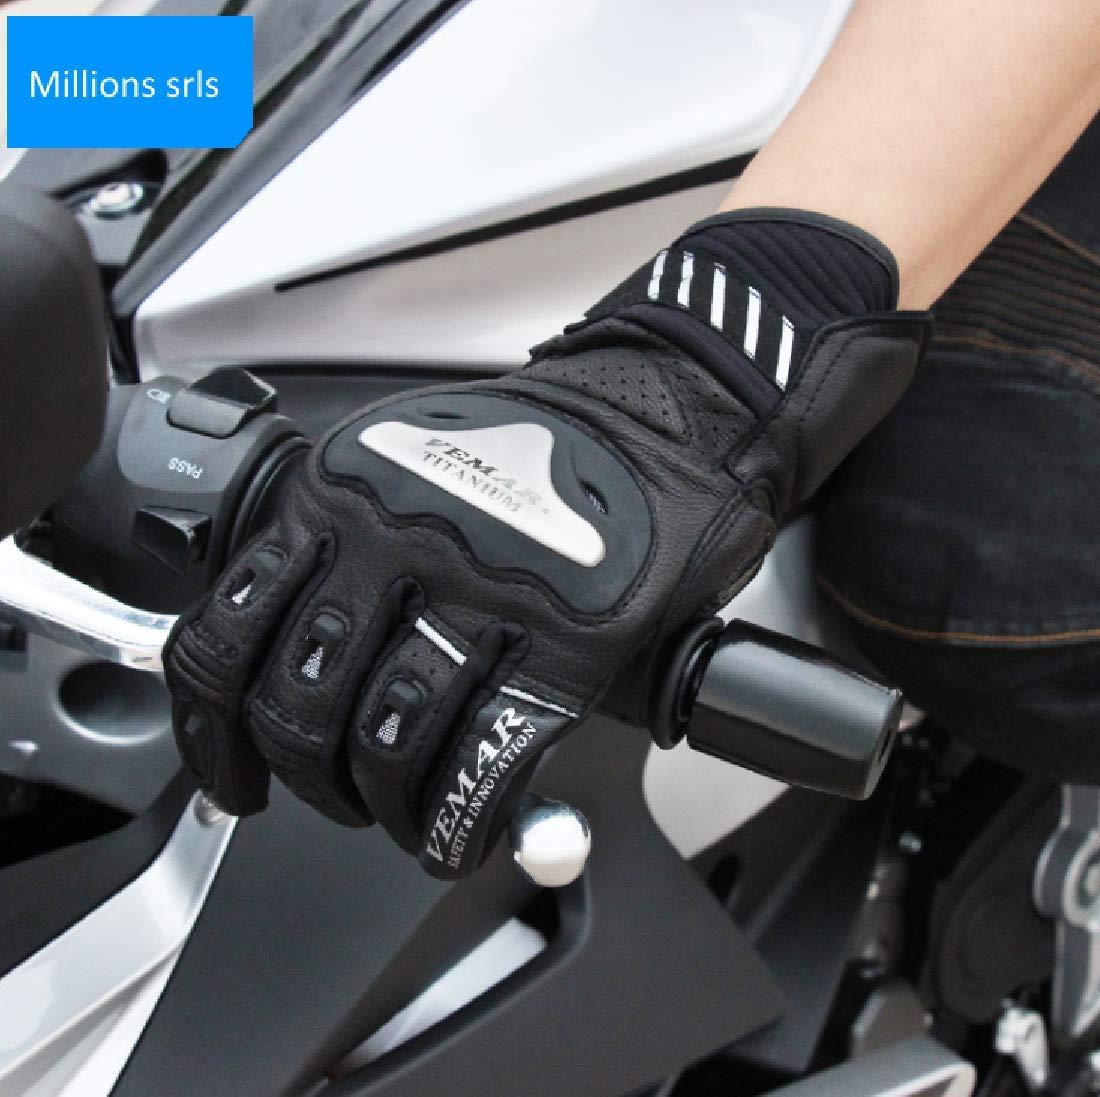 MH96/_Italy Guanti Moto in Pelle Professionali Traspiranti Touch screen da pista viaggio con protezione in carbonio L, Rosso